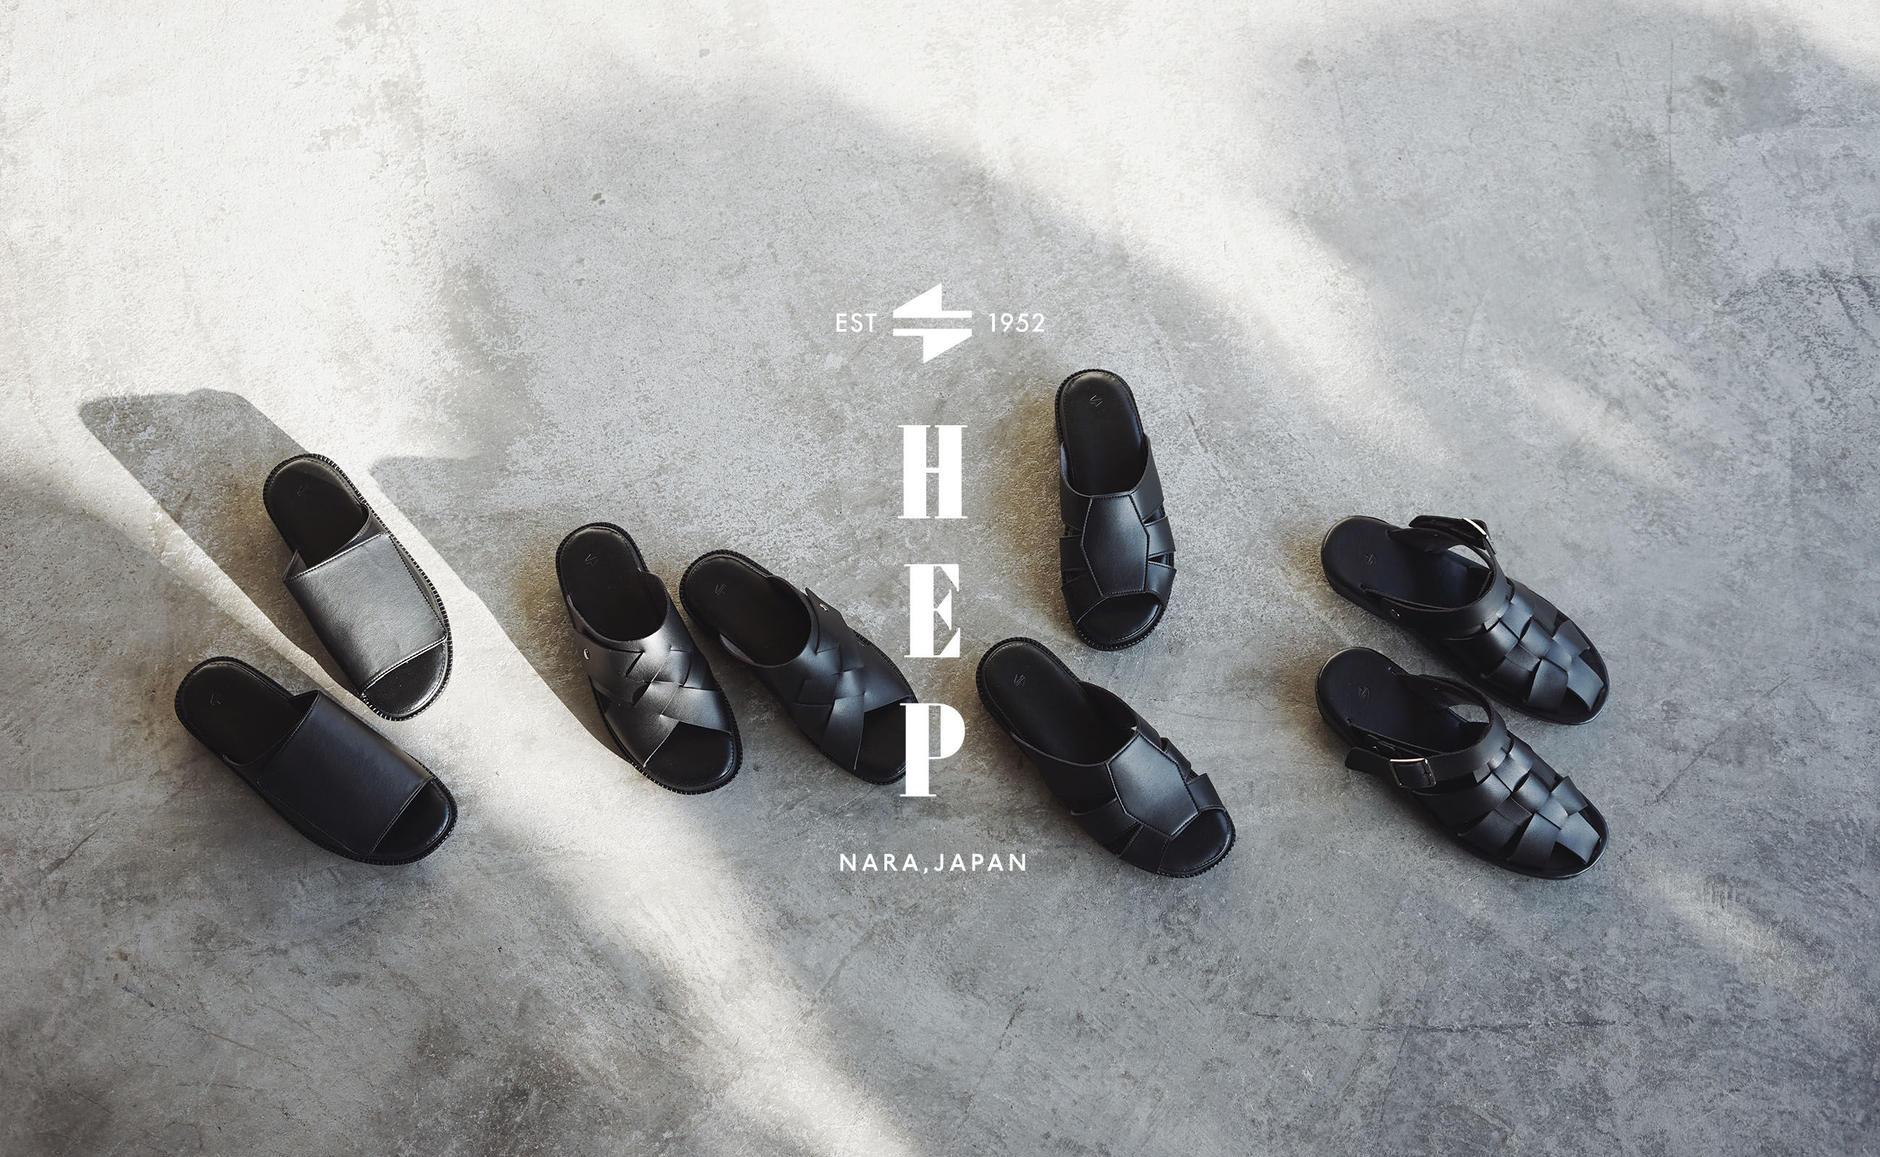 HEP SHOP ONLINE